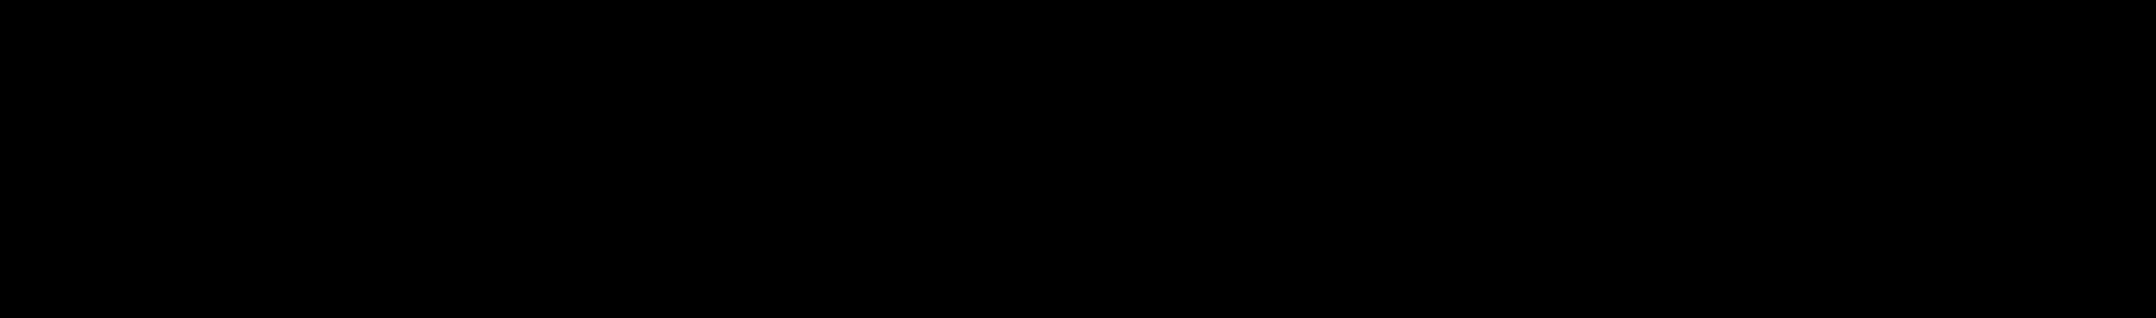 公司logo01黑